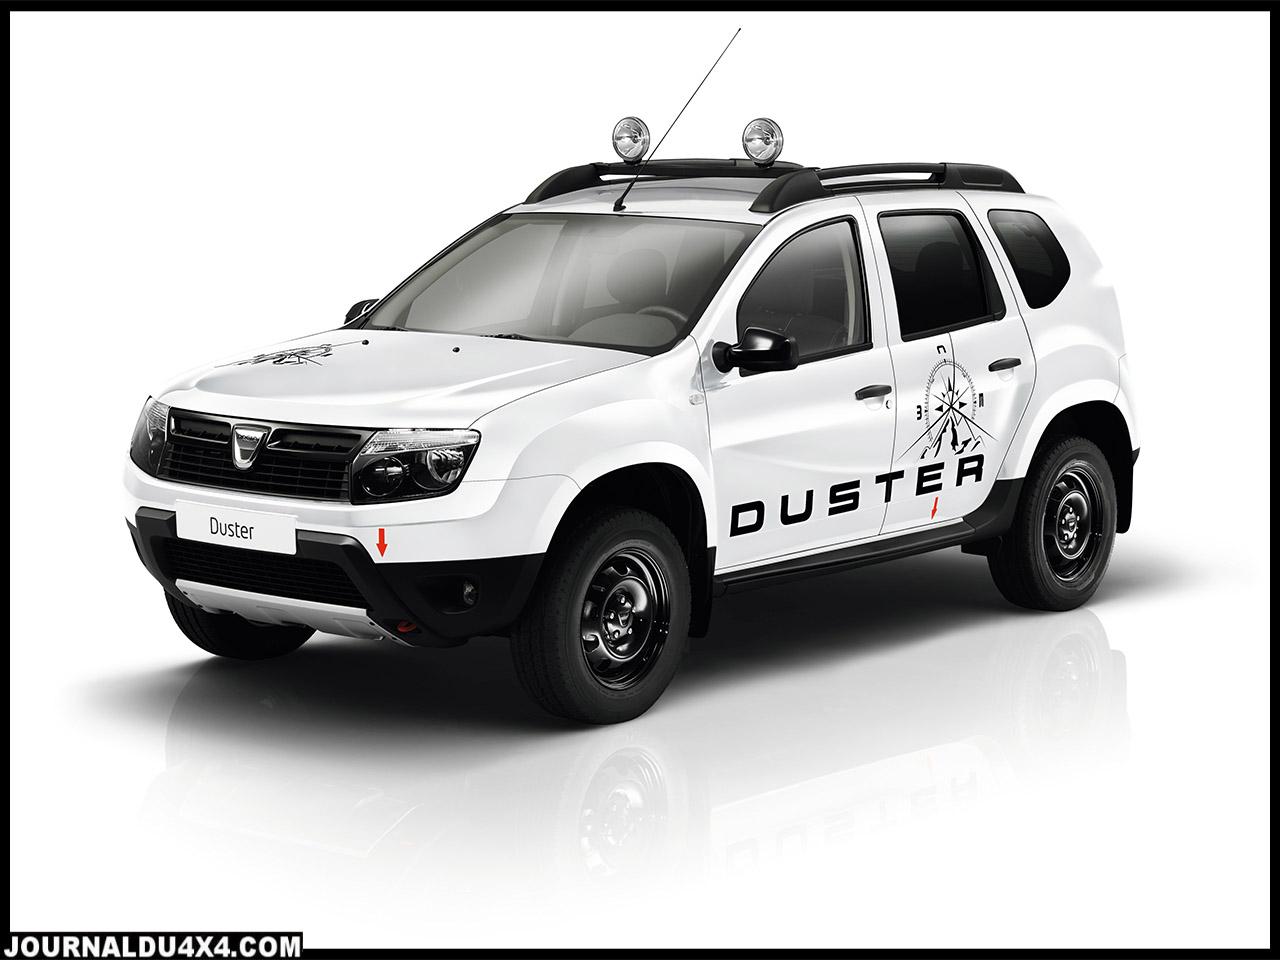 Duster Aventure est équipé d'antibrouillards et d'une rampe de feux3 amovible sur le toit qui permet une visibilité renforcée en toutes circonstances.